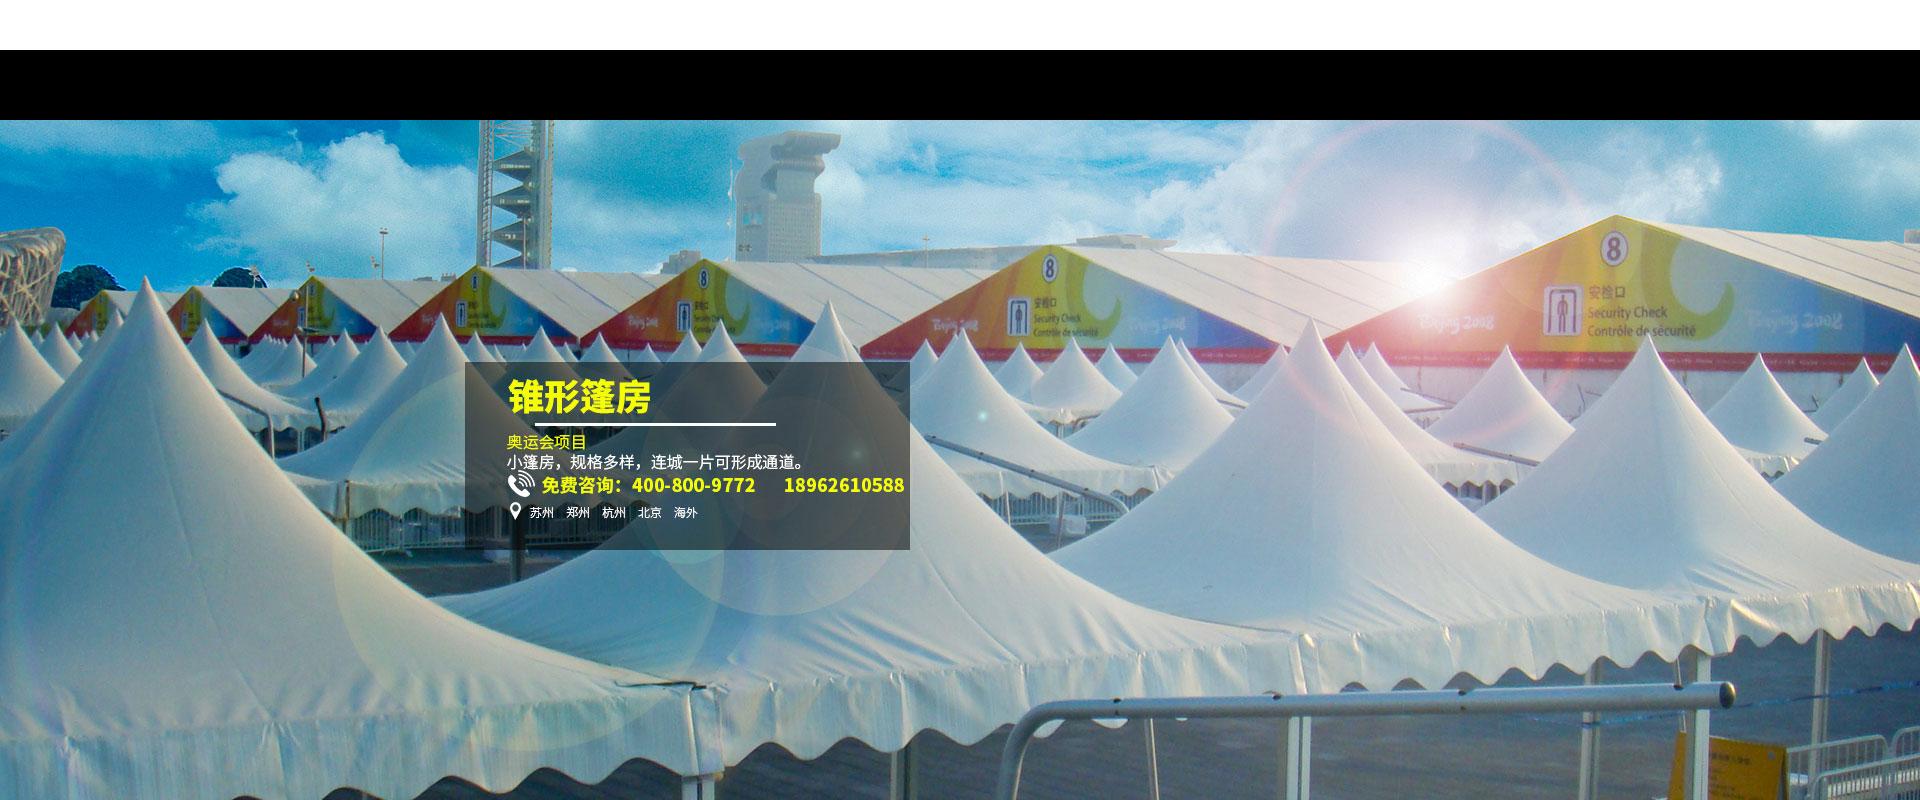 威斯伯特奥运会项目篷房